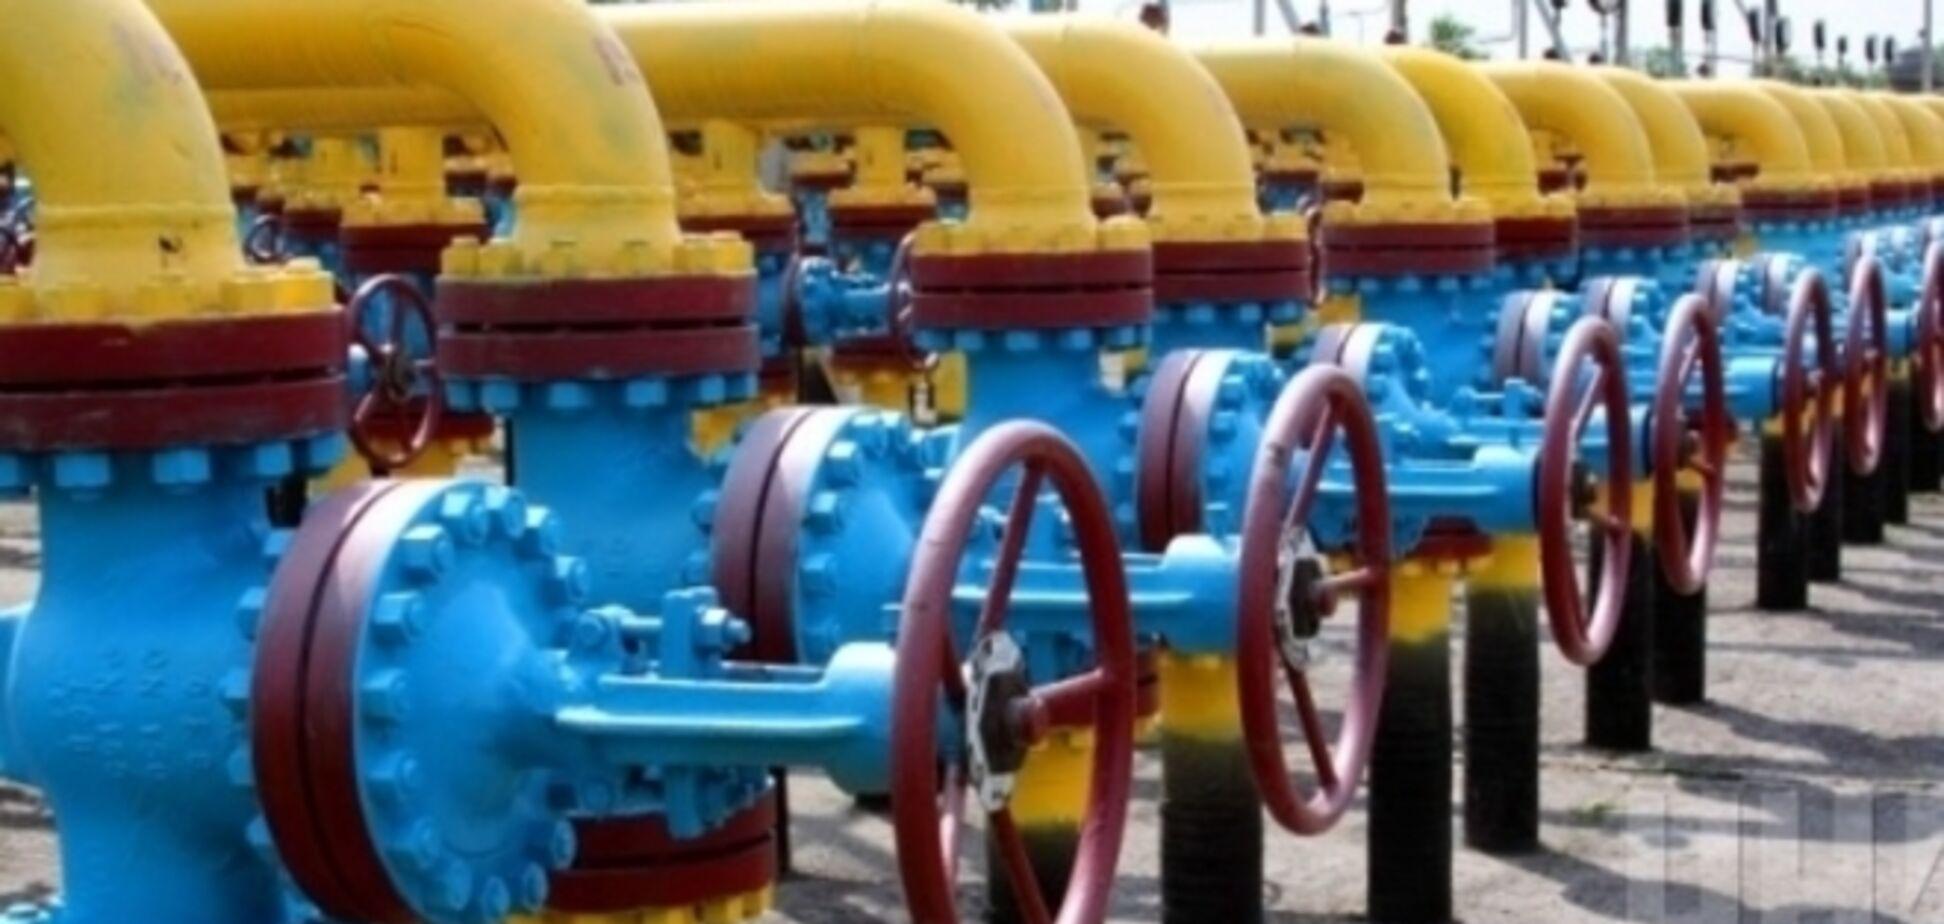 'Нафтогаз' подтвердил отключение реверса газа из Венгрии под давлением Газпрома